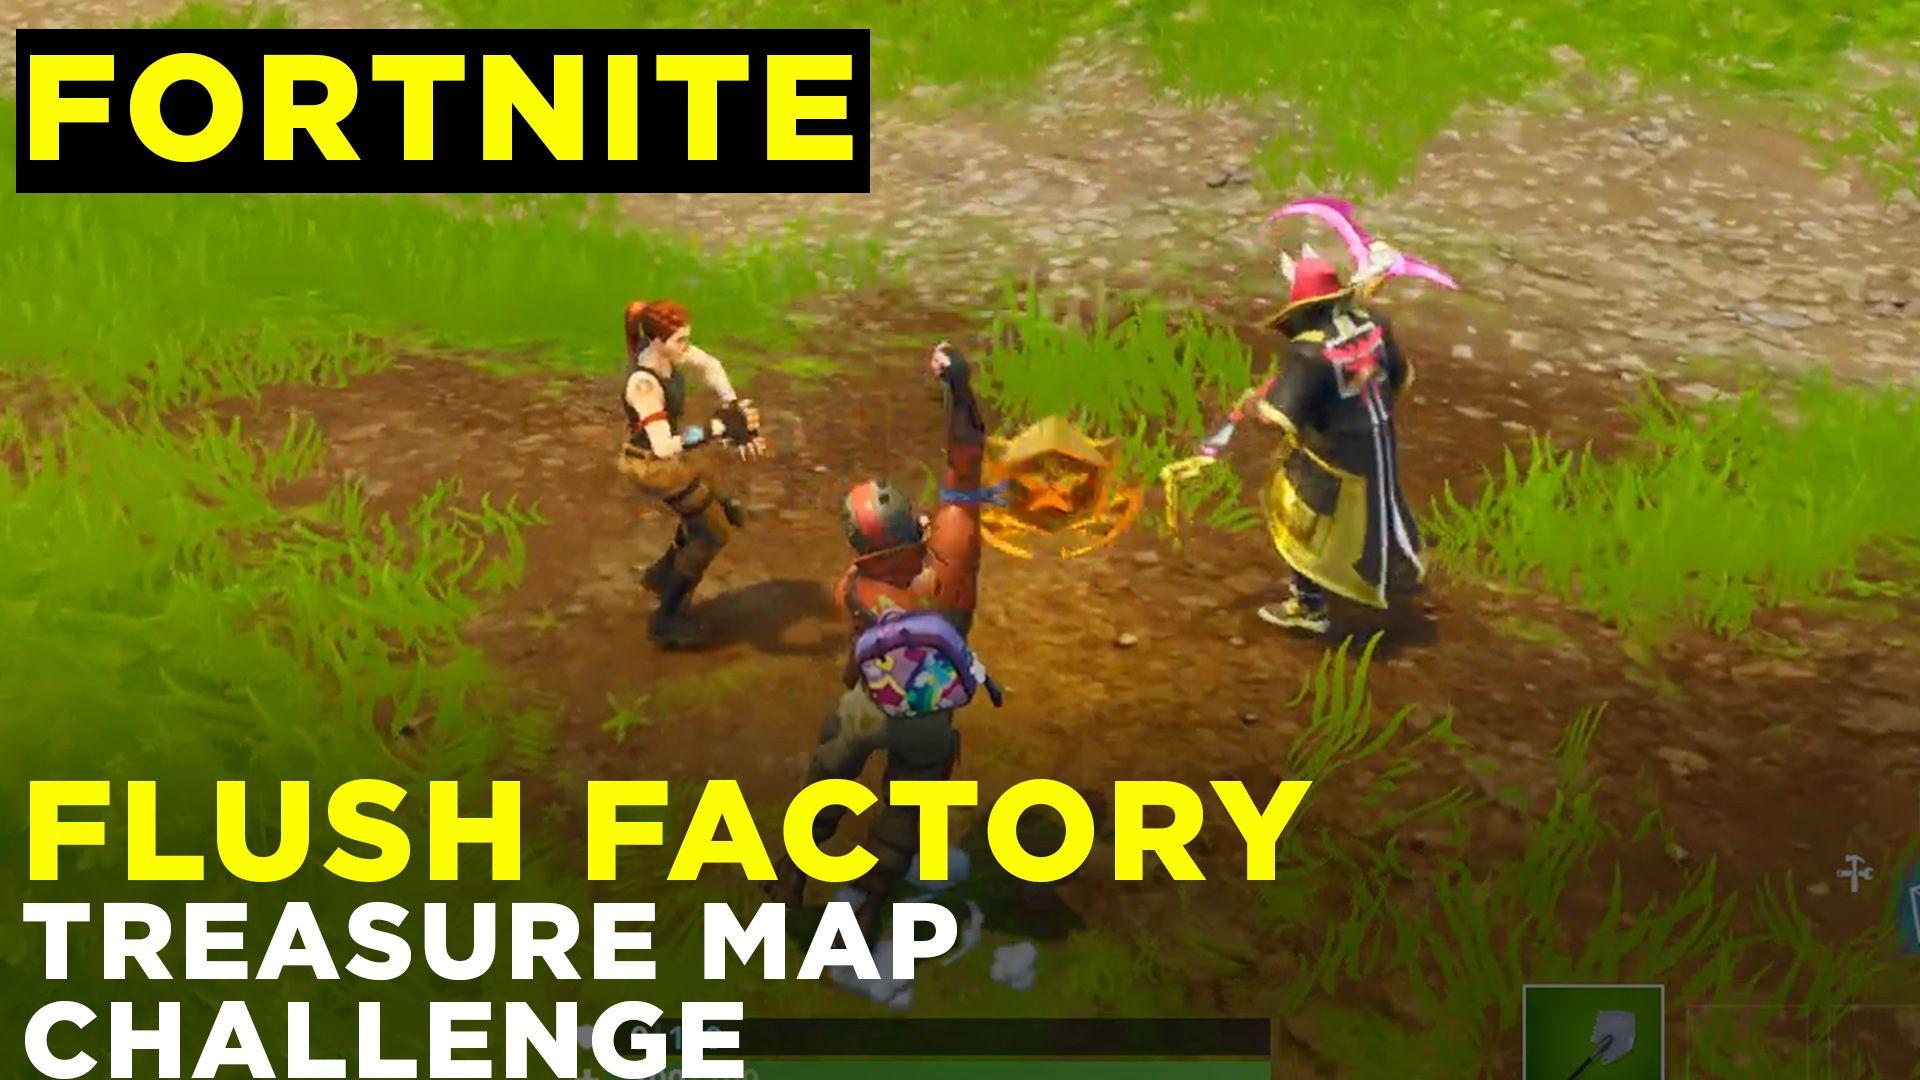 follow the treasure map found in flush factory fortnite season 5 challenge guide location - carte quad fortnite saison 7